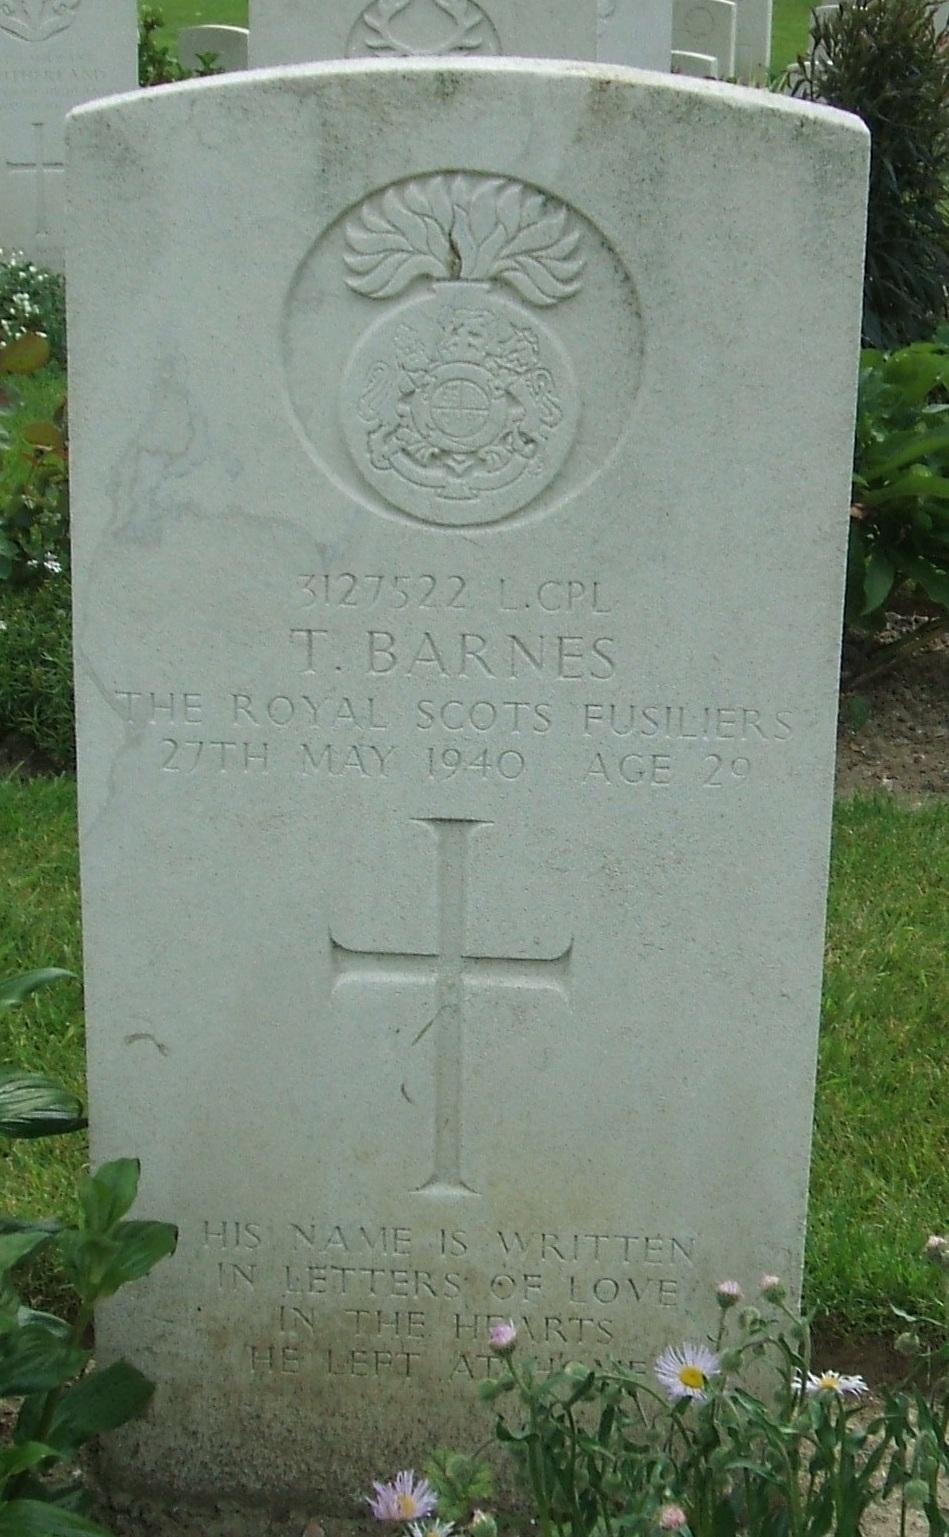 LCpl T Barnes